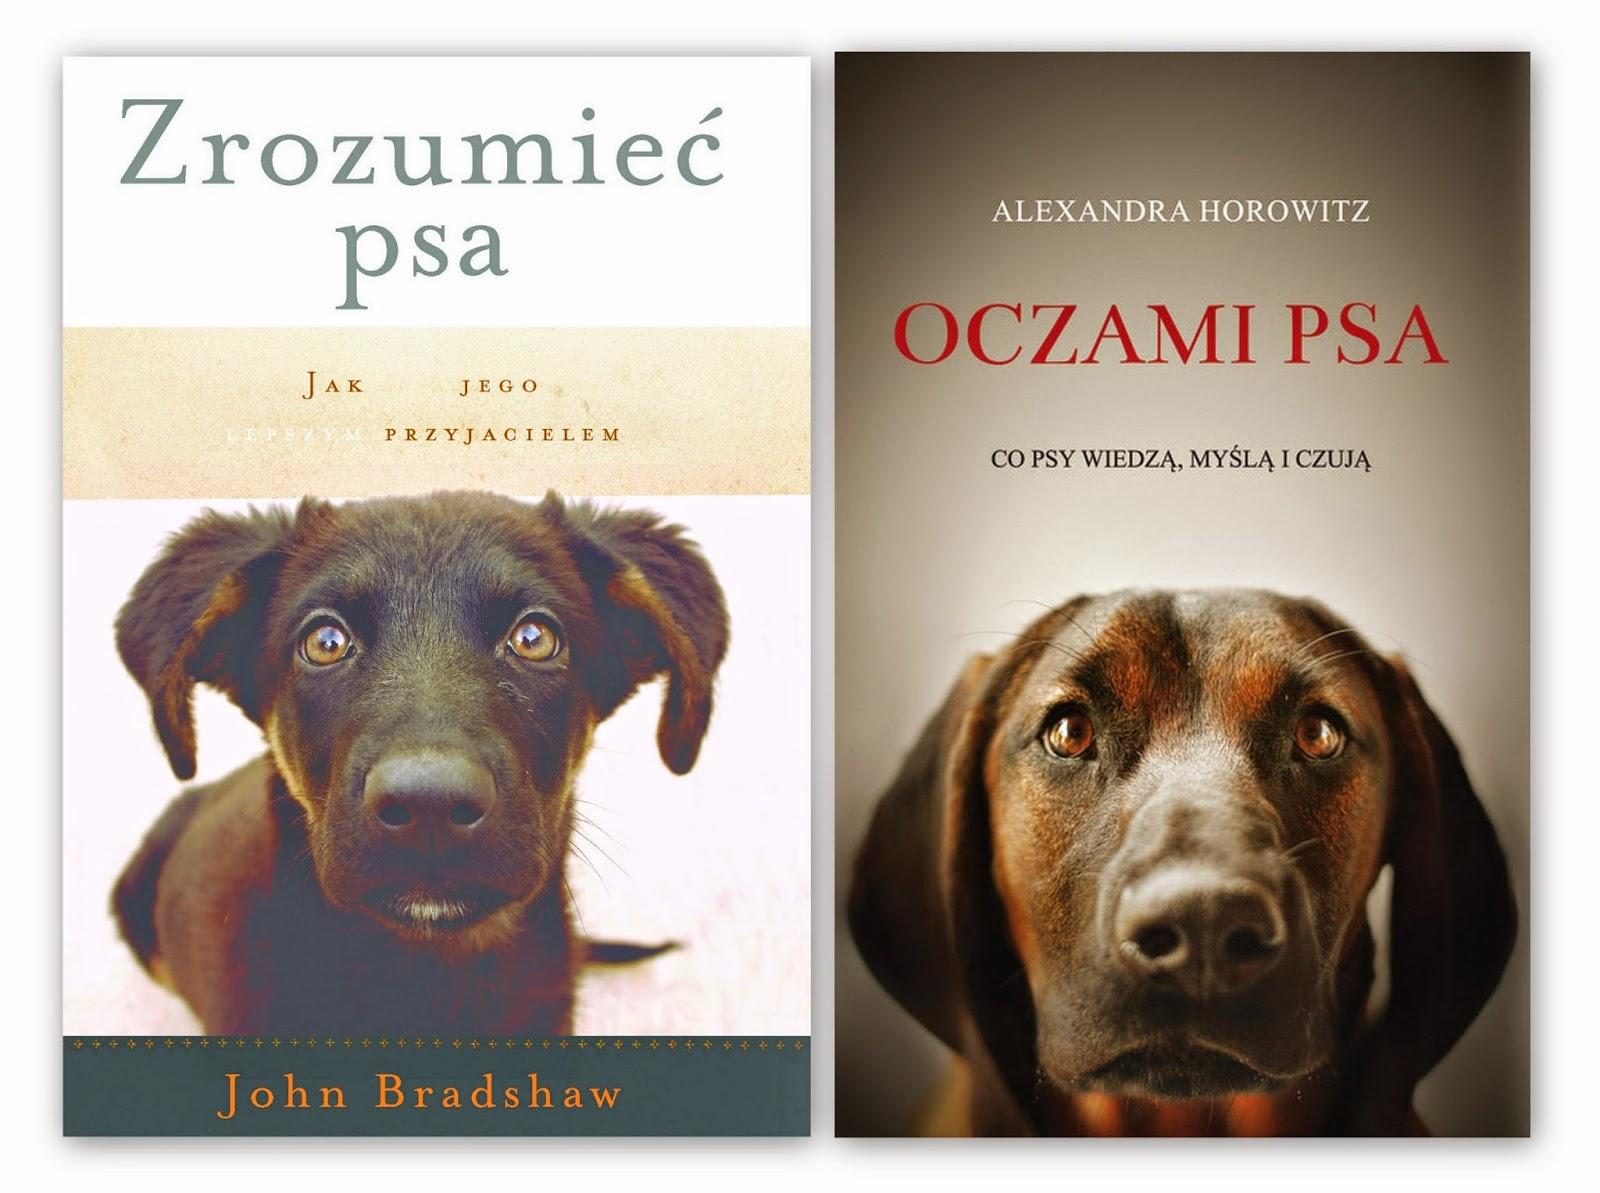 John Bradshaw. Zrozumieć psa. Alexandra Horowitz. Oczami psa.